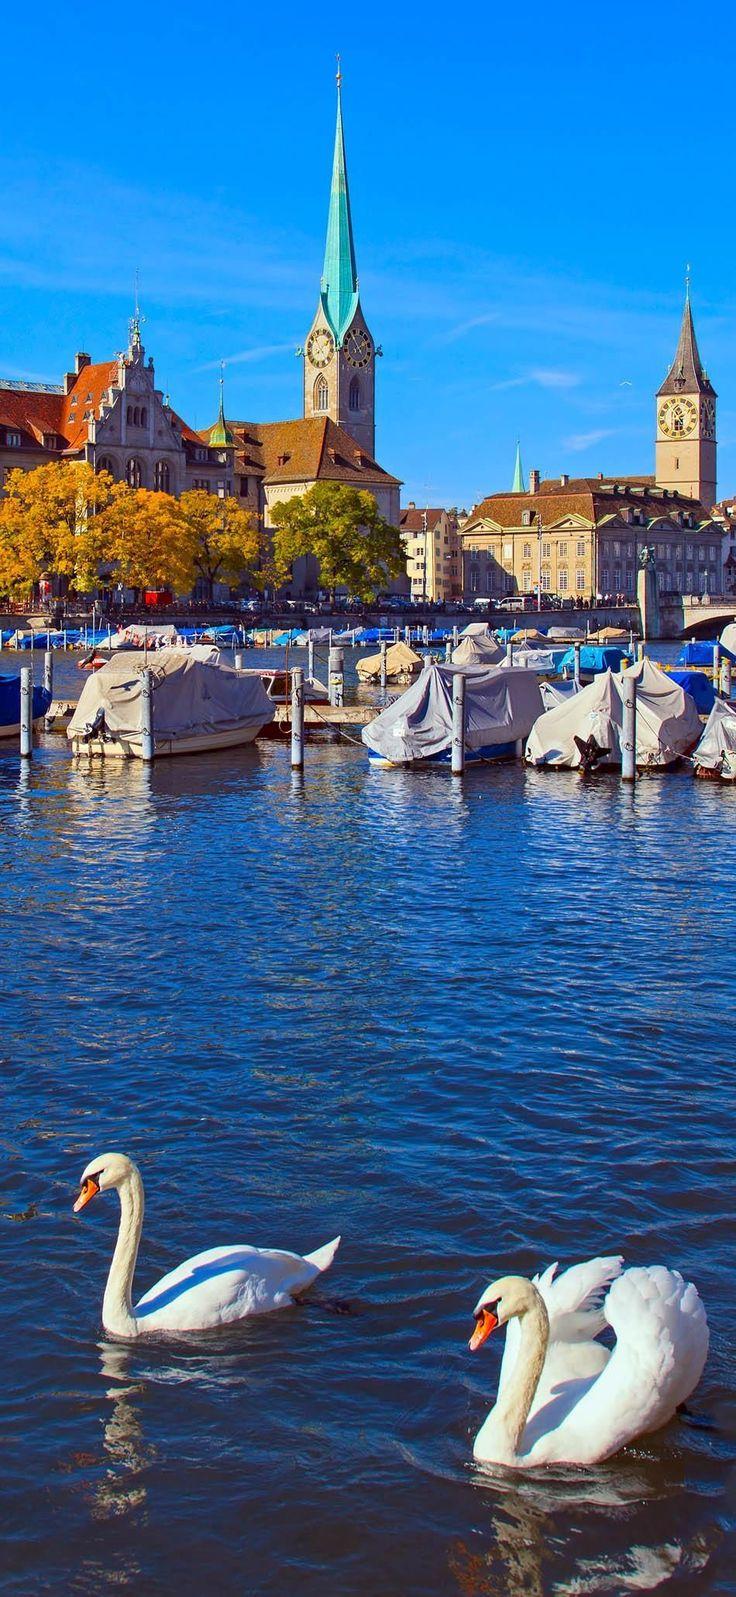 Limmat река осенью, Цюрих, Швейцария |  Узнайте, почему Швейцария является страной, где Splendor кажется бесконечным